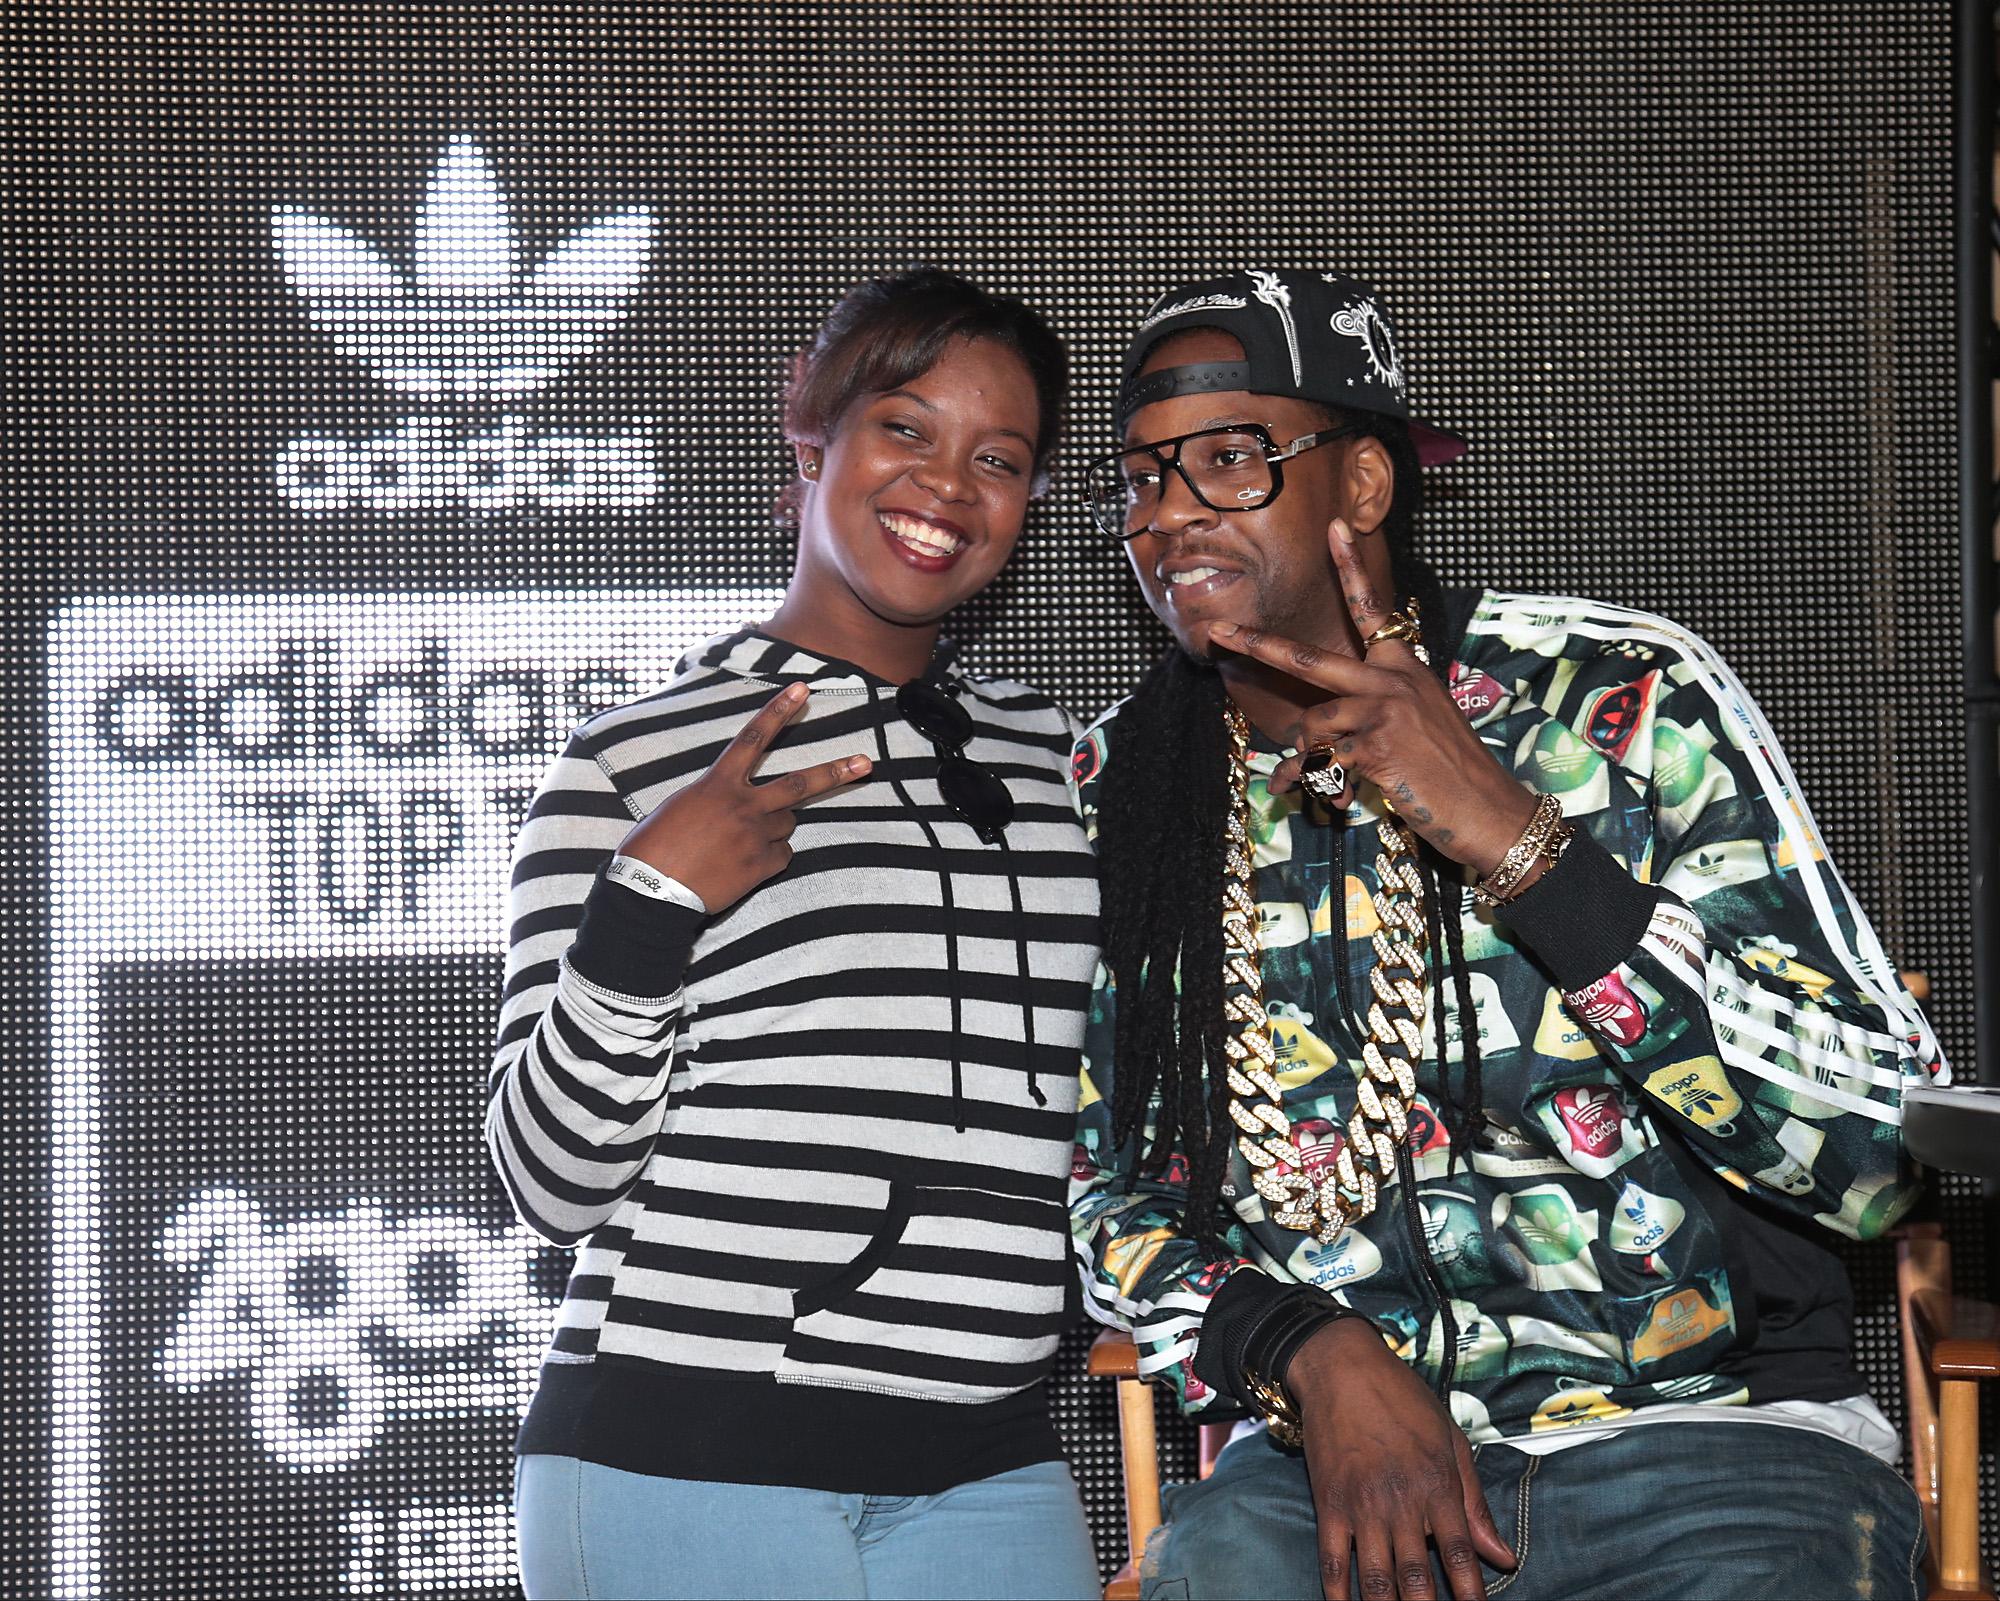 """new product cb80c d2e15 ... 2014 adidas in the Quarter. 2 Chainz visited adidas in the Quarter to  celebrate the launch of adidas Originals Top Ten Hi """"2 Good to be T.R.U."""""""